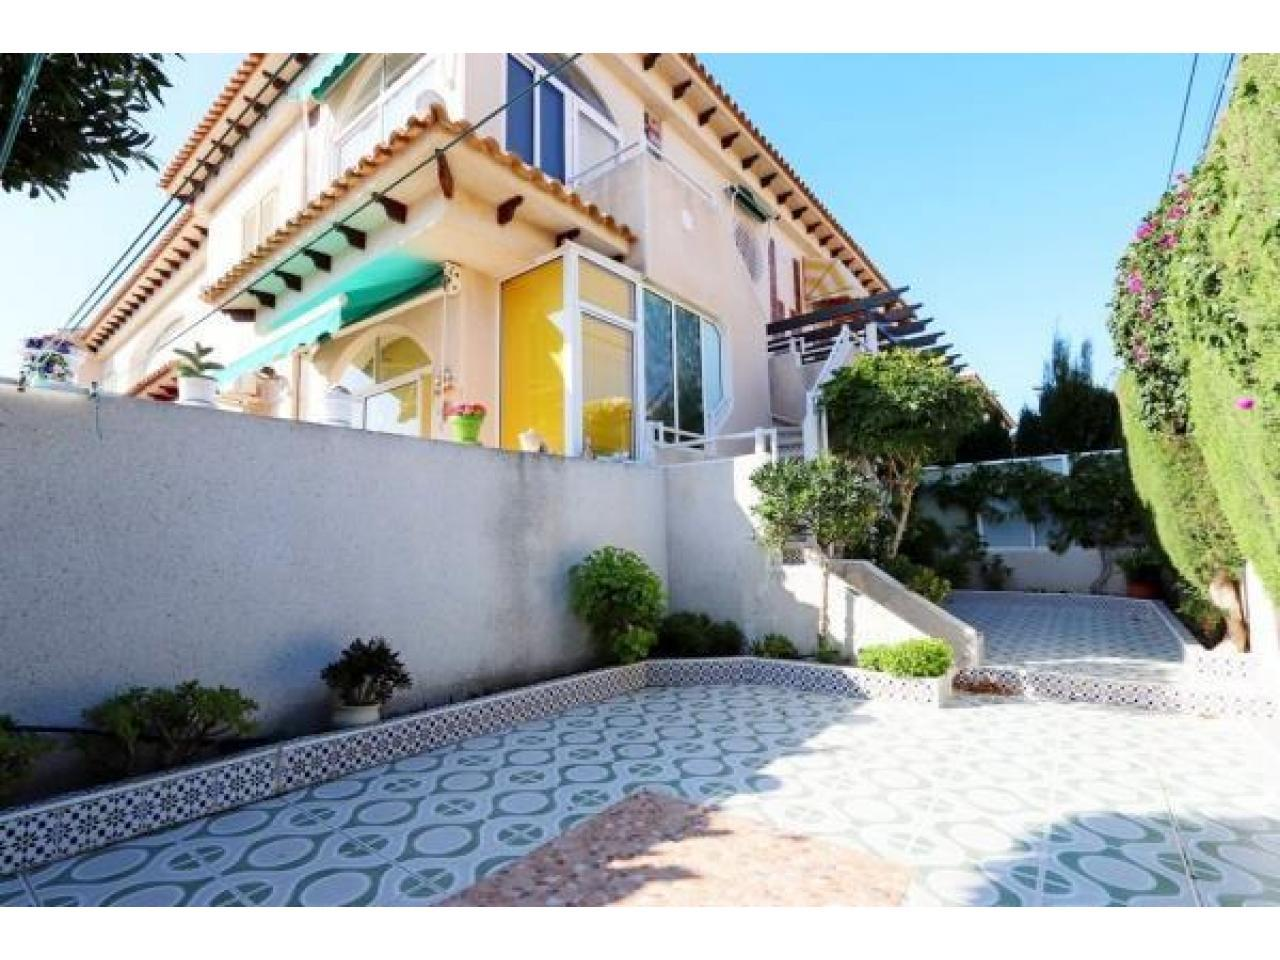 Недвижимость в Испании, Бунгало в Торревьеха,Коста Бланка,Испания - 10